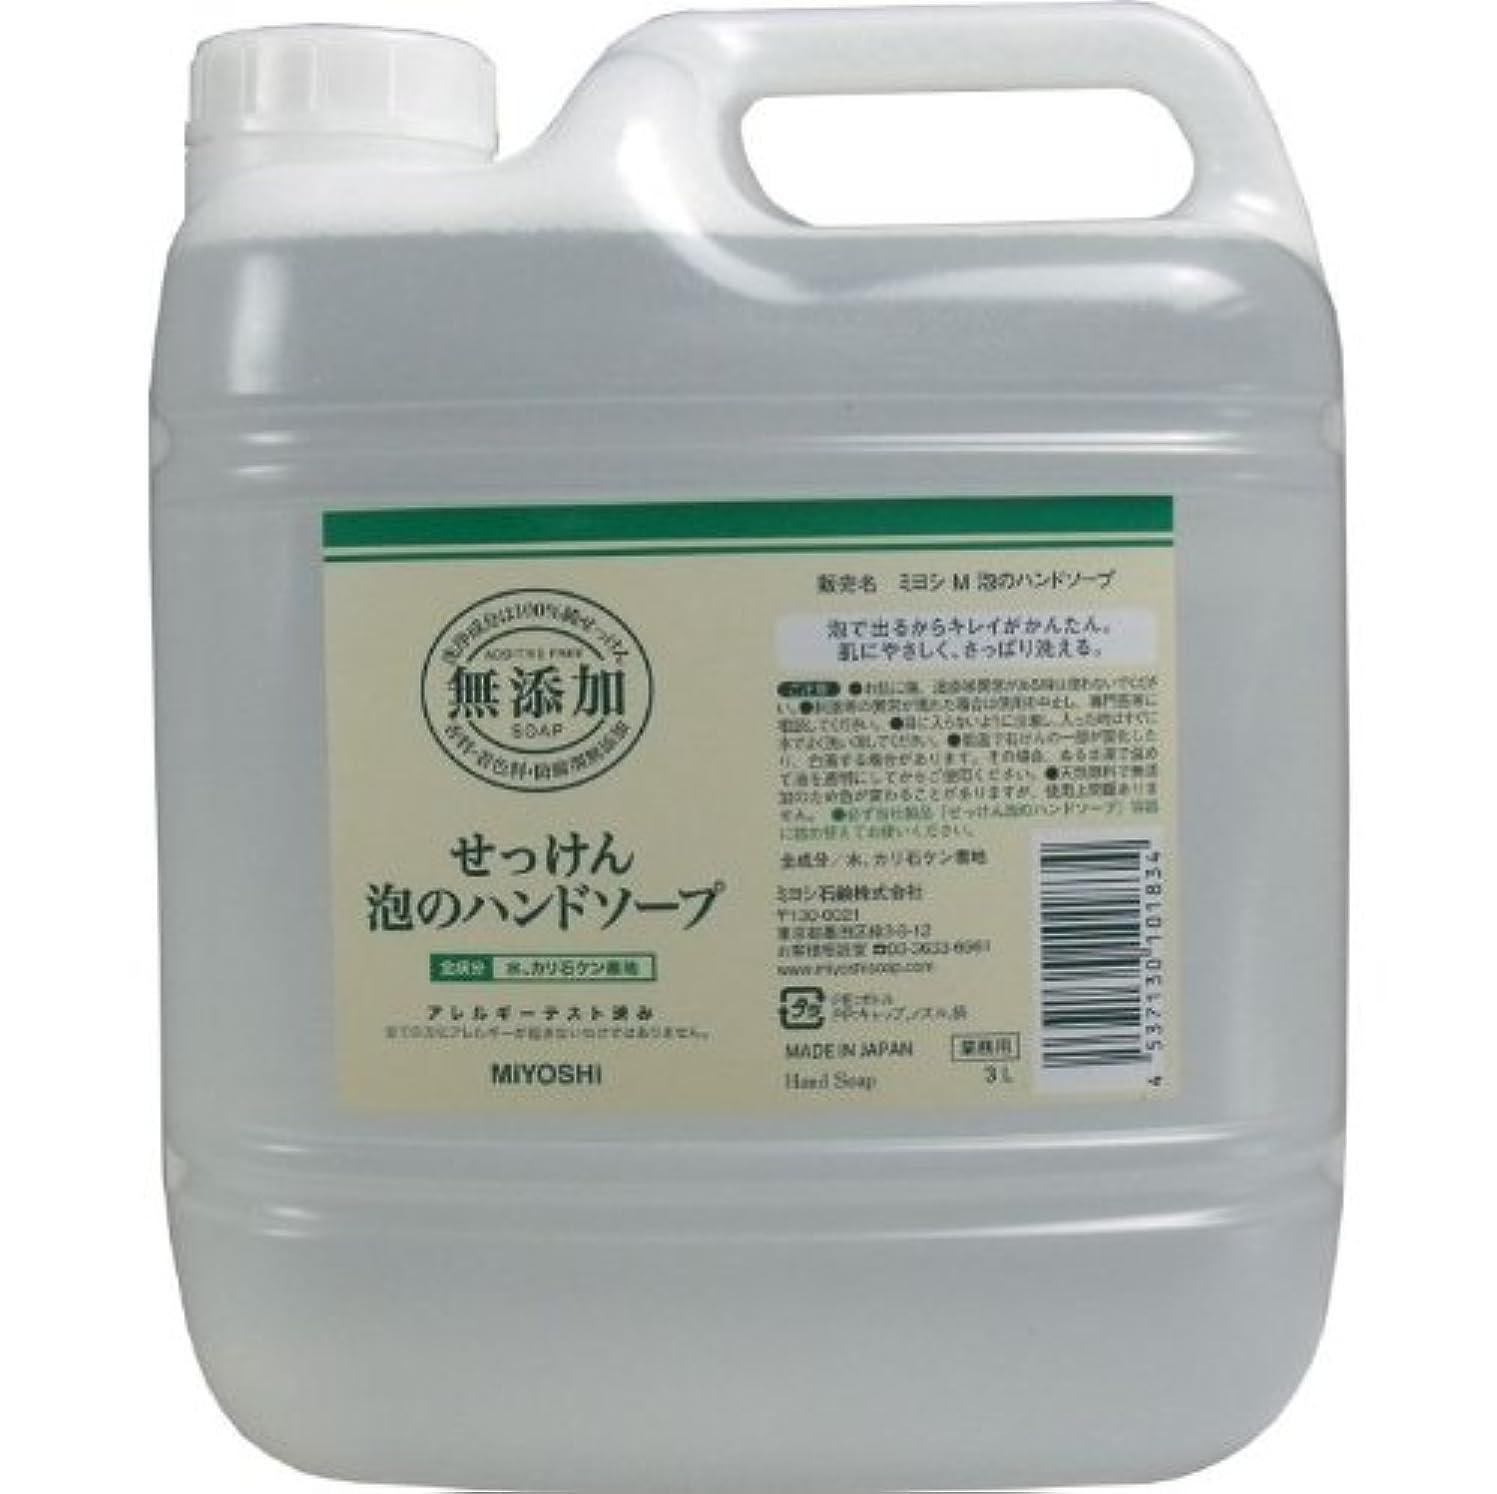 泡で出るからキレイが簡単!家事の間のサッと洗いも簡単!香料、着色料、防腐剤無添加!(業務用)3L